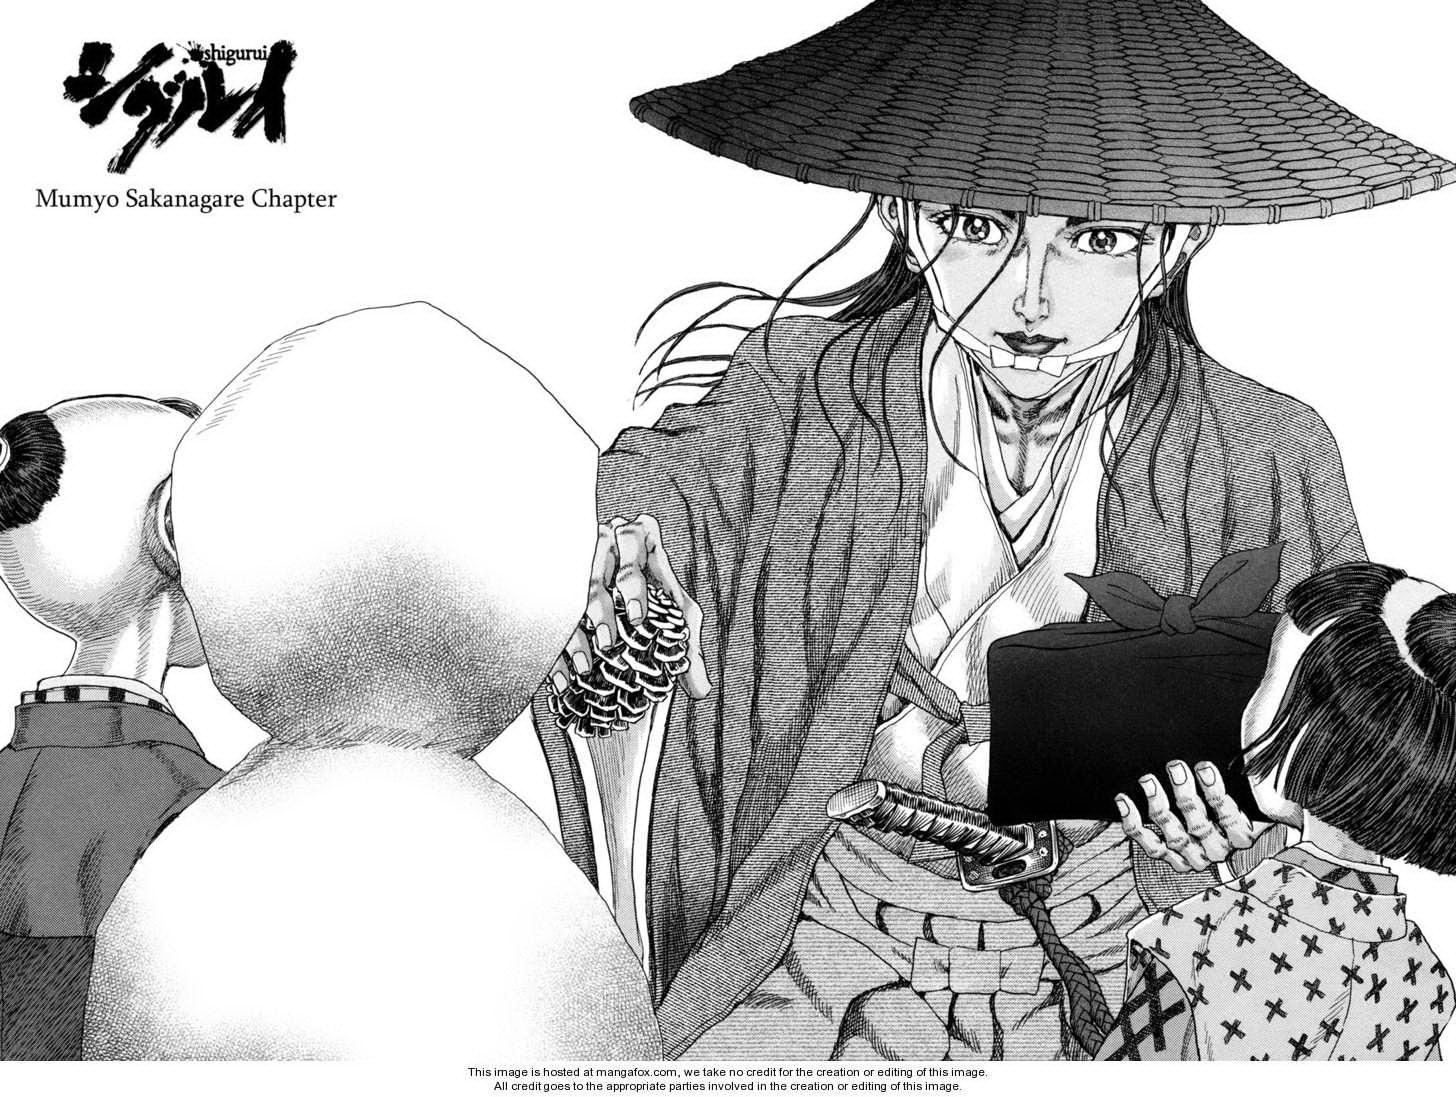 Shigurui - Cuồng Tử chap 84 - Trang 32